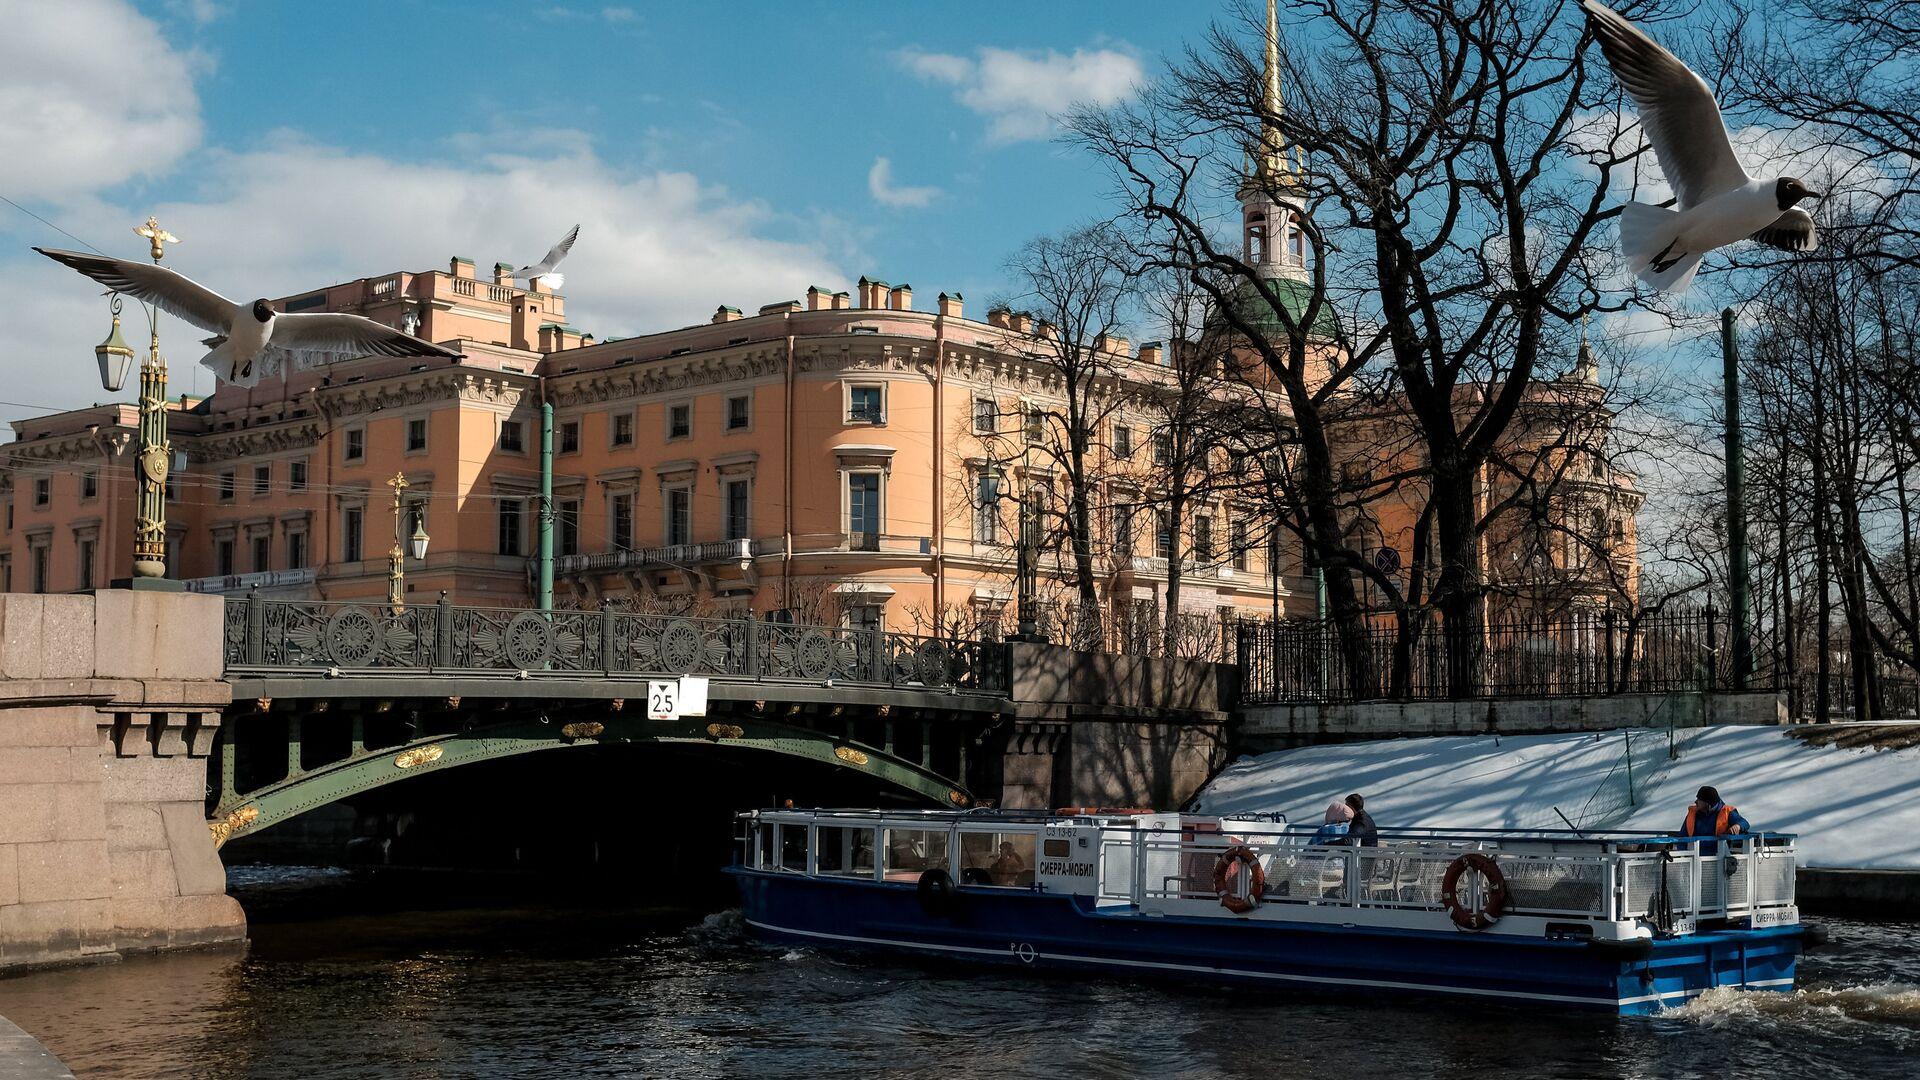 Прогулочное судно на реке Мойка в Санкт-Петербурге - РИА Новости, 1920, 17.02.2021